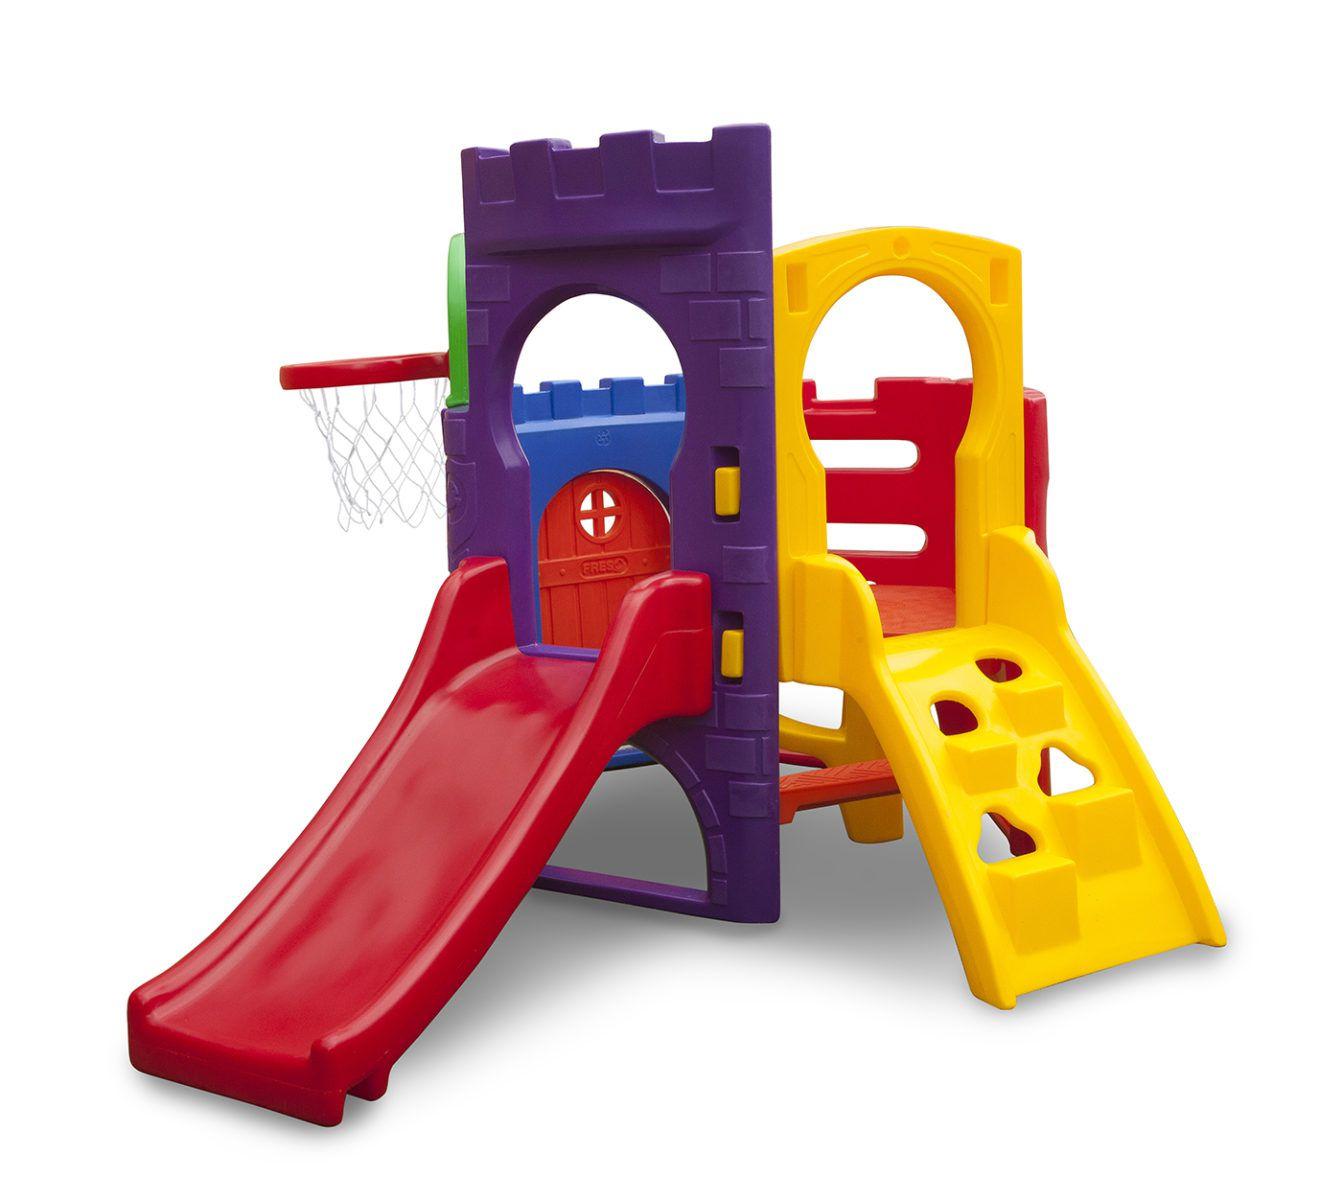 Playground Miniplay Petit | 2m75 x 1m85 x 1m48 | 1 a 5 anos